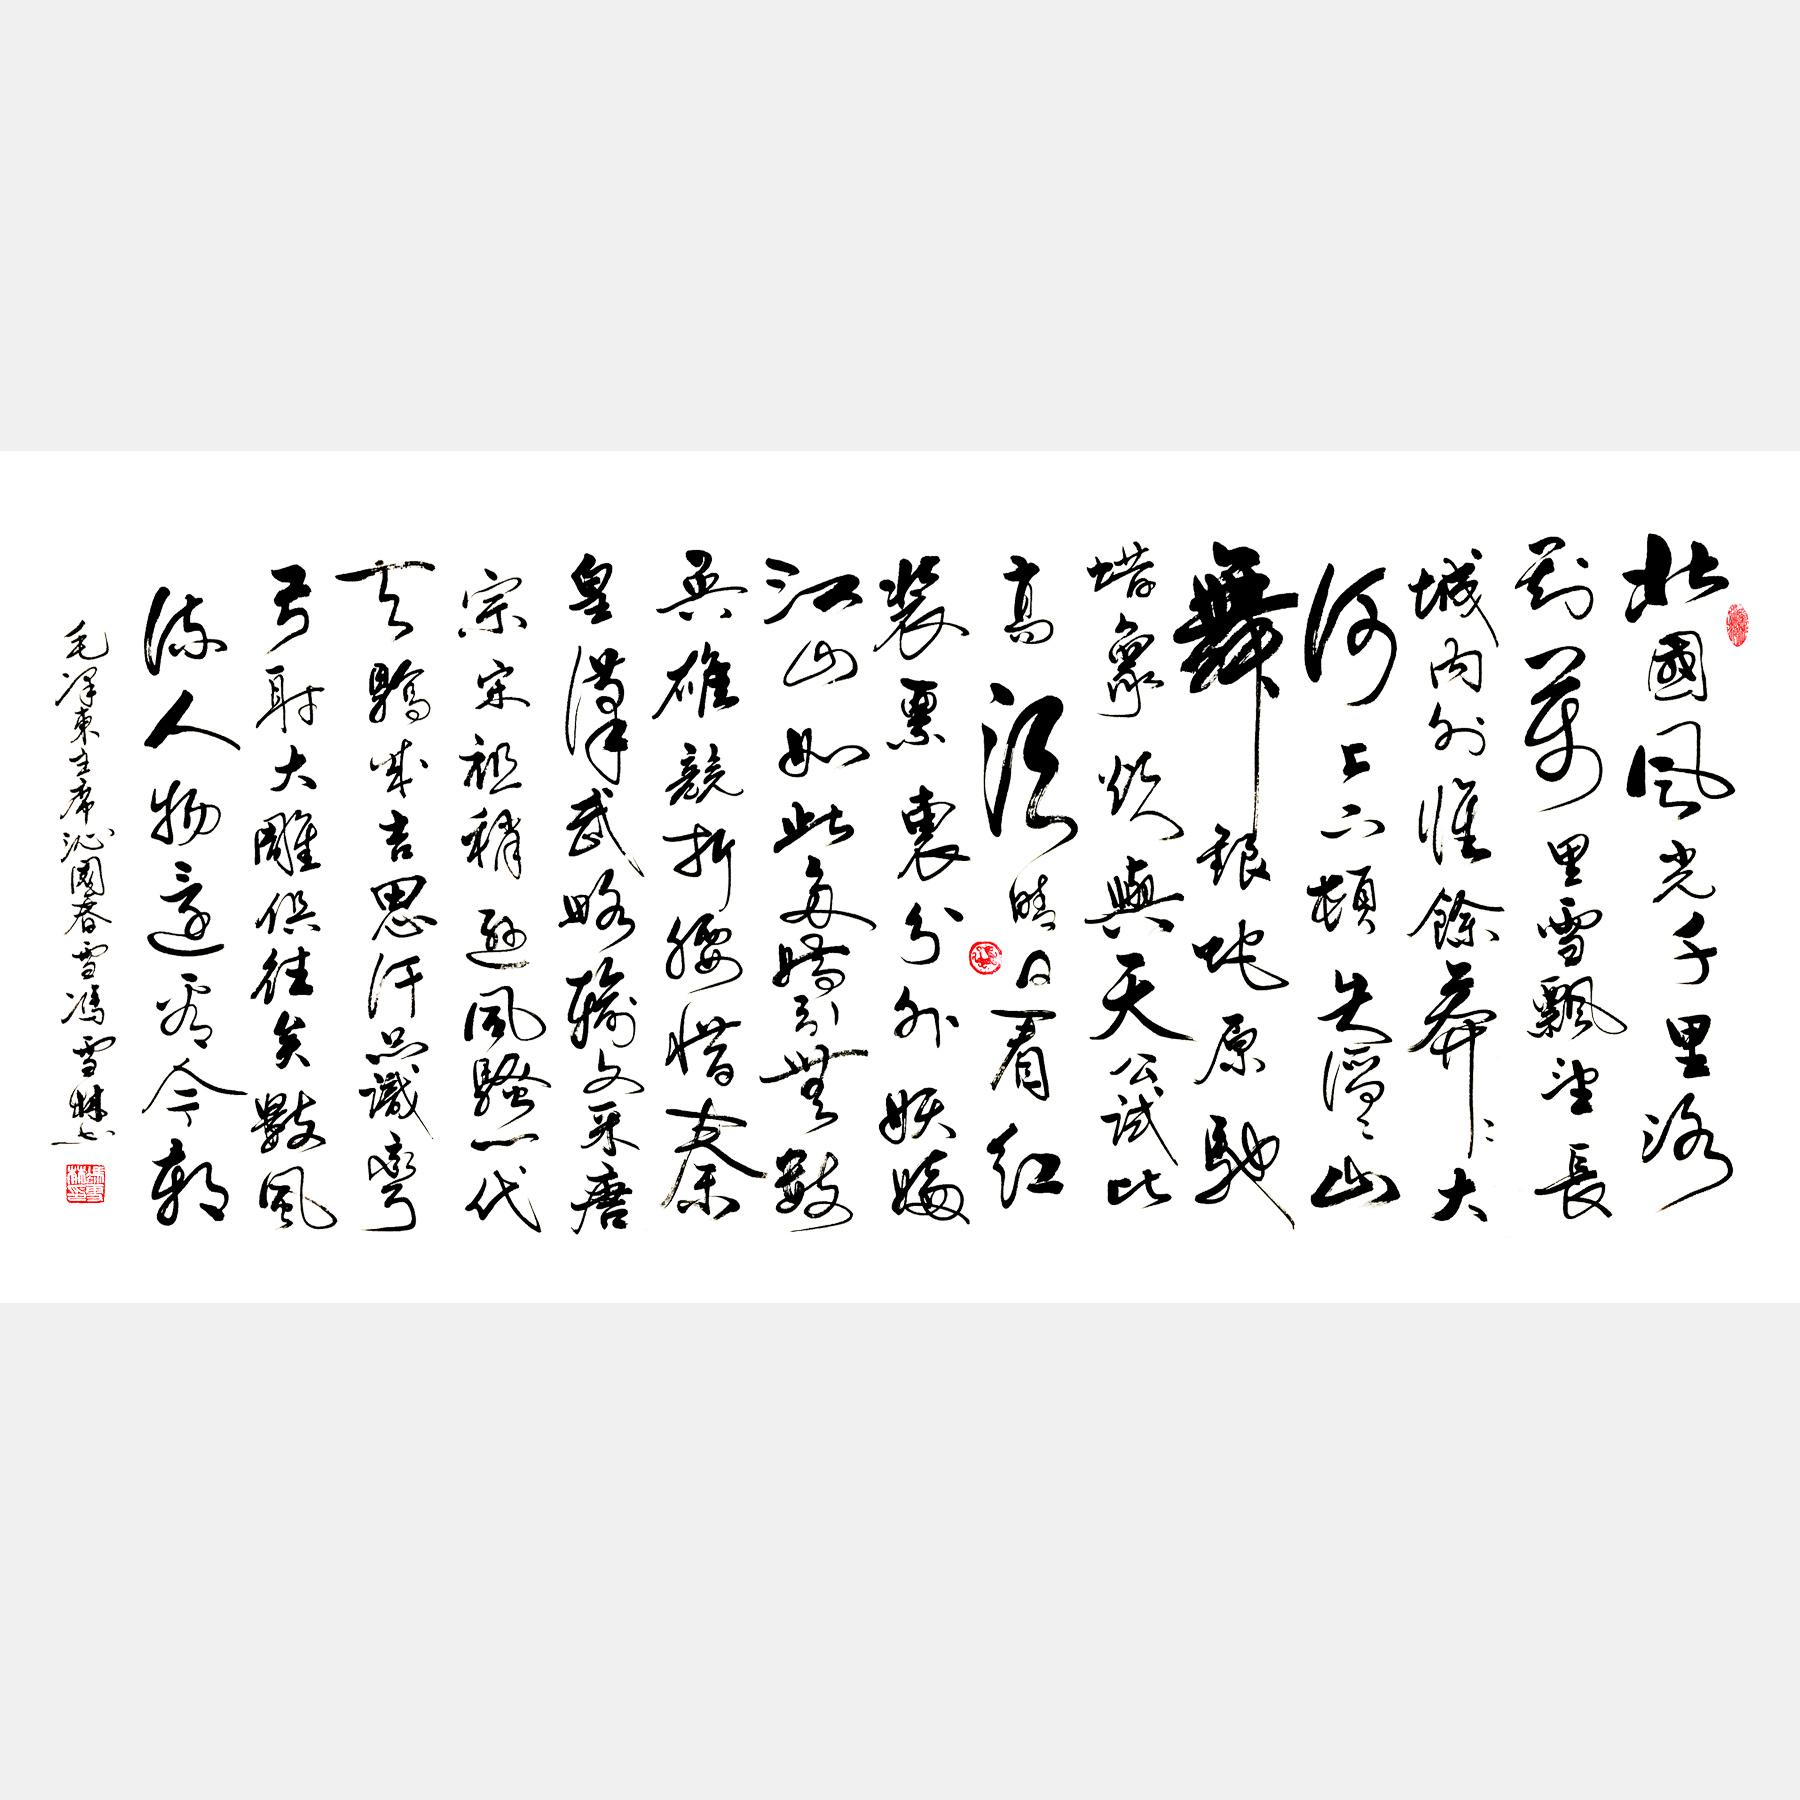 """毛主席《沁园春・雪》丁酉年秋 """"中国有词以来第一手,虽苏、辛犹未能抗手。"""""""